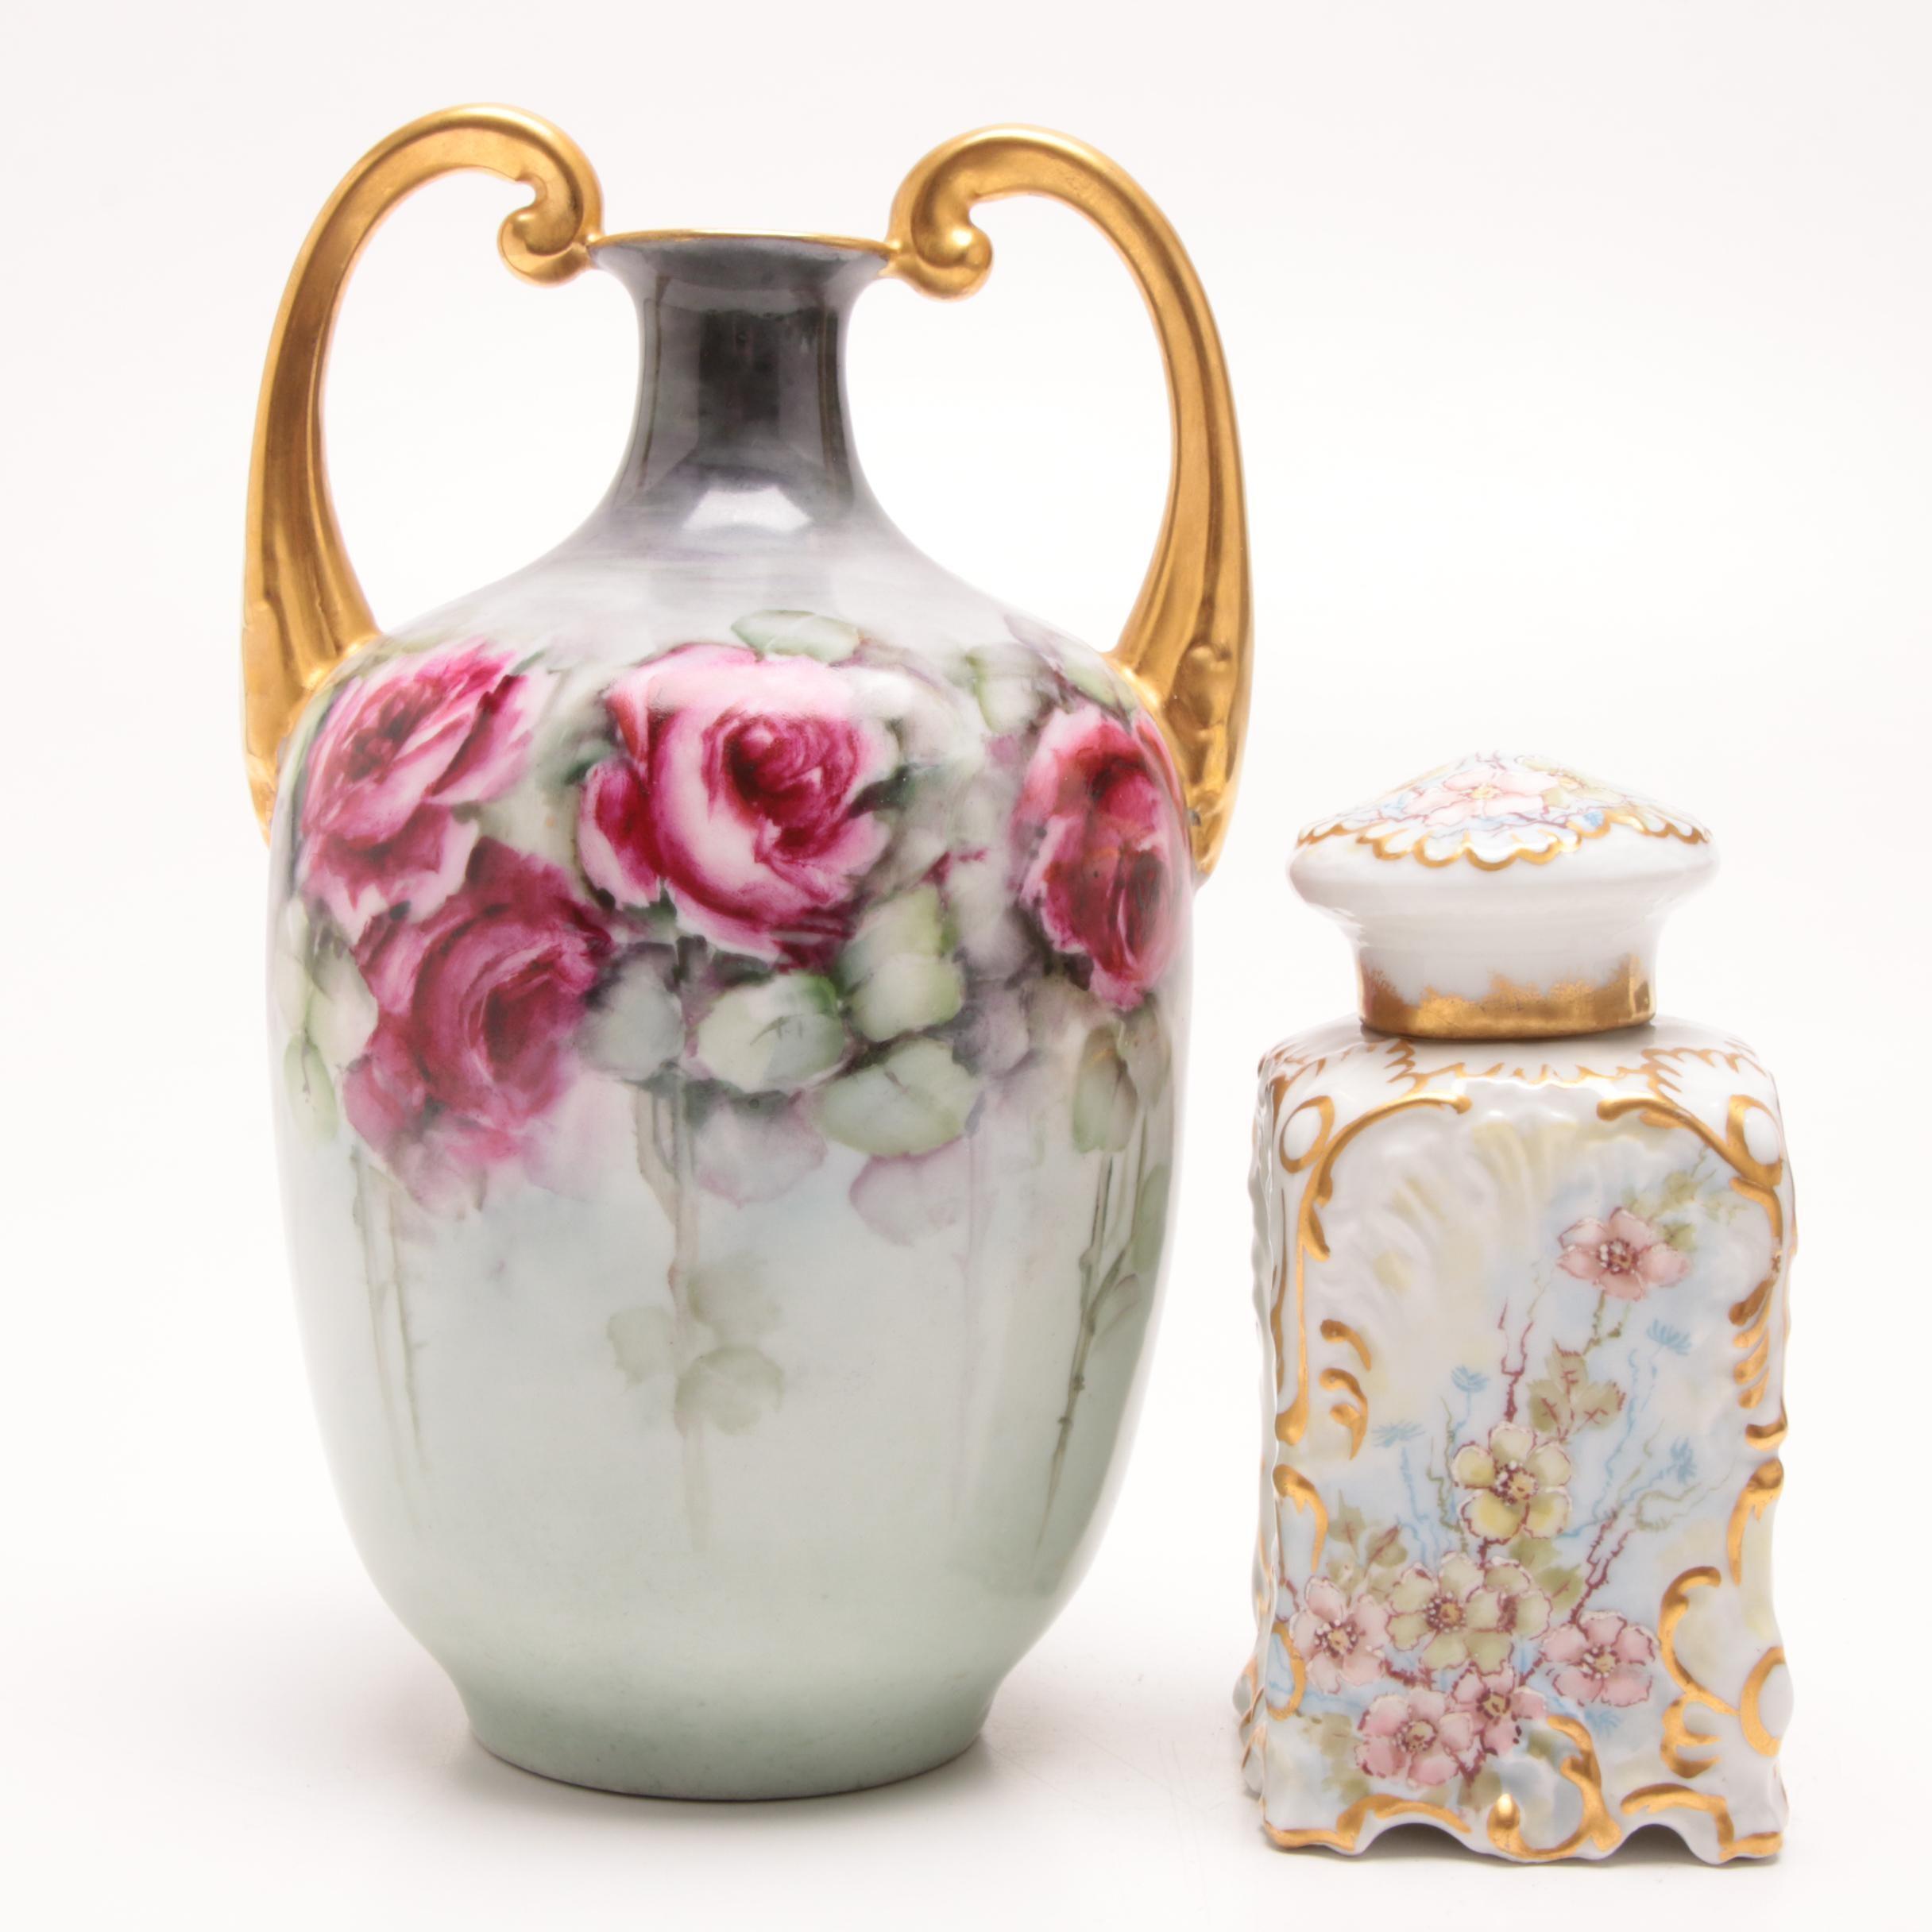 Antique Hand-Painted Austrian Vase and Ceramic Vanity Jar